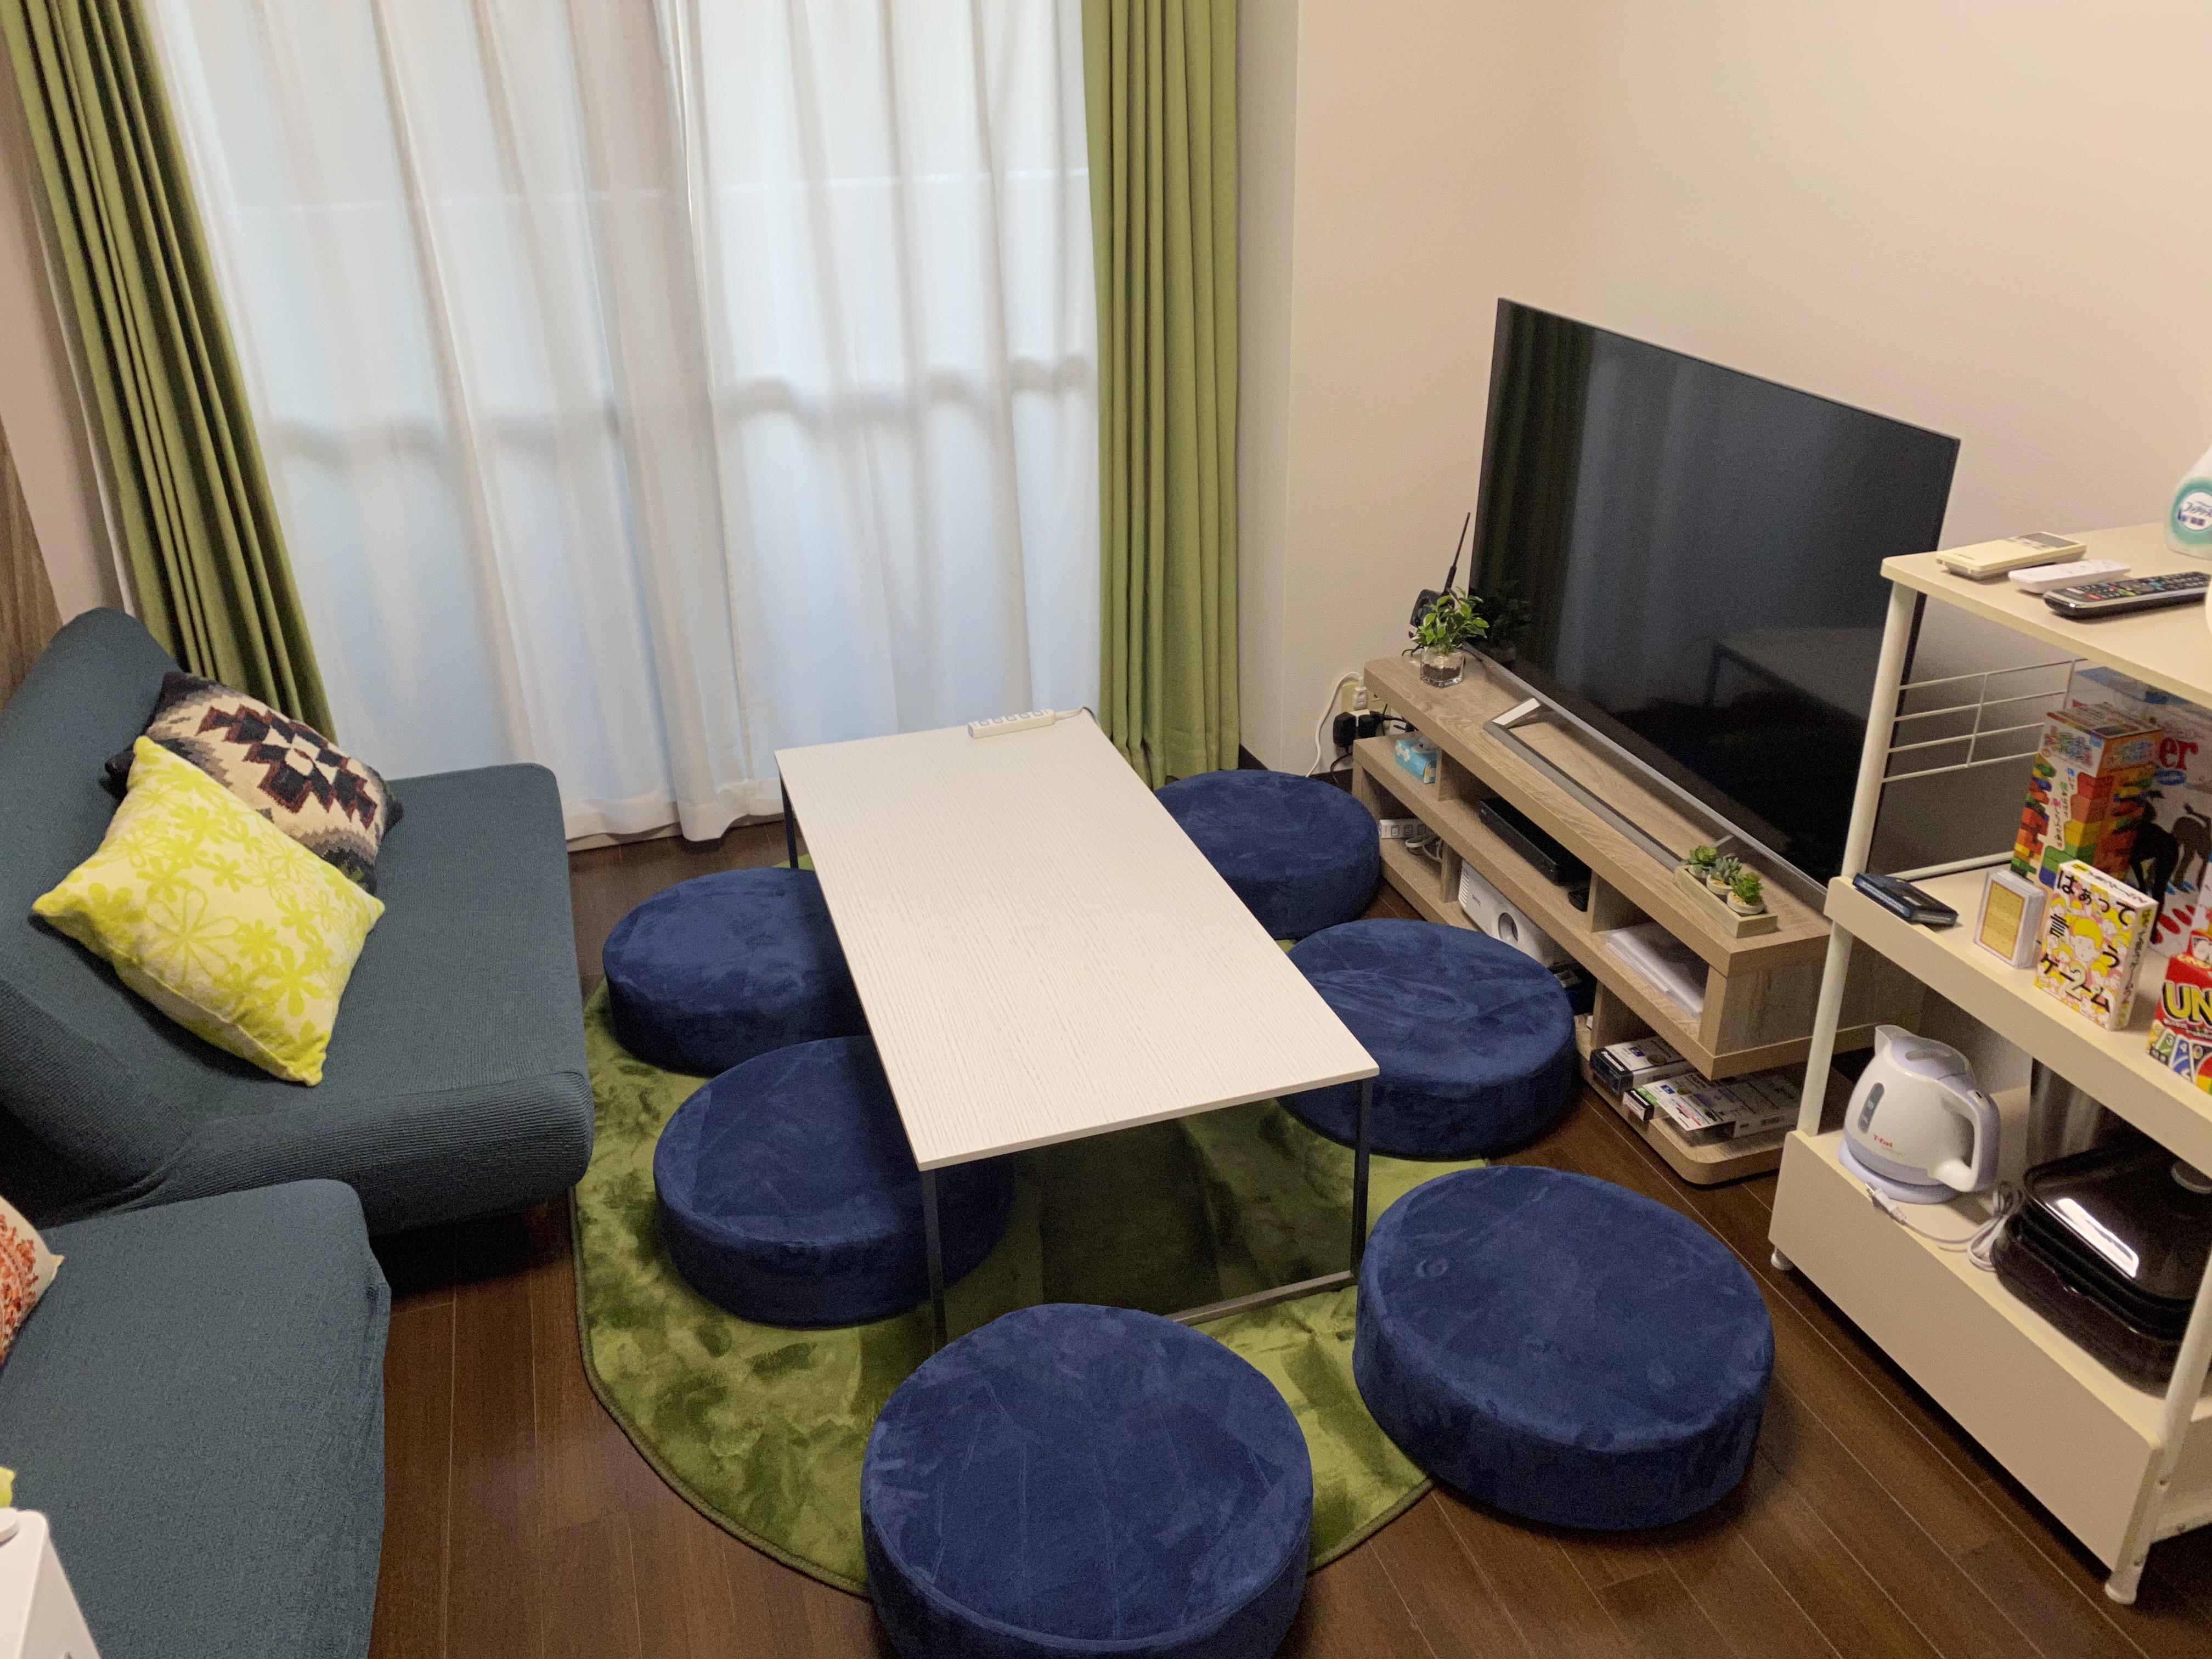 クロネコスペースの室内の写真